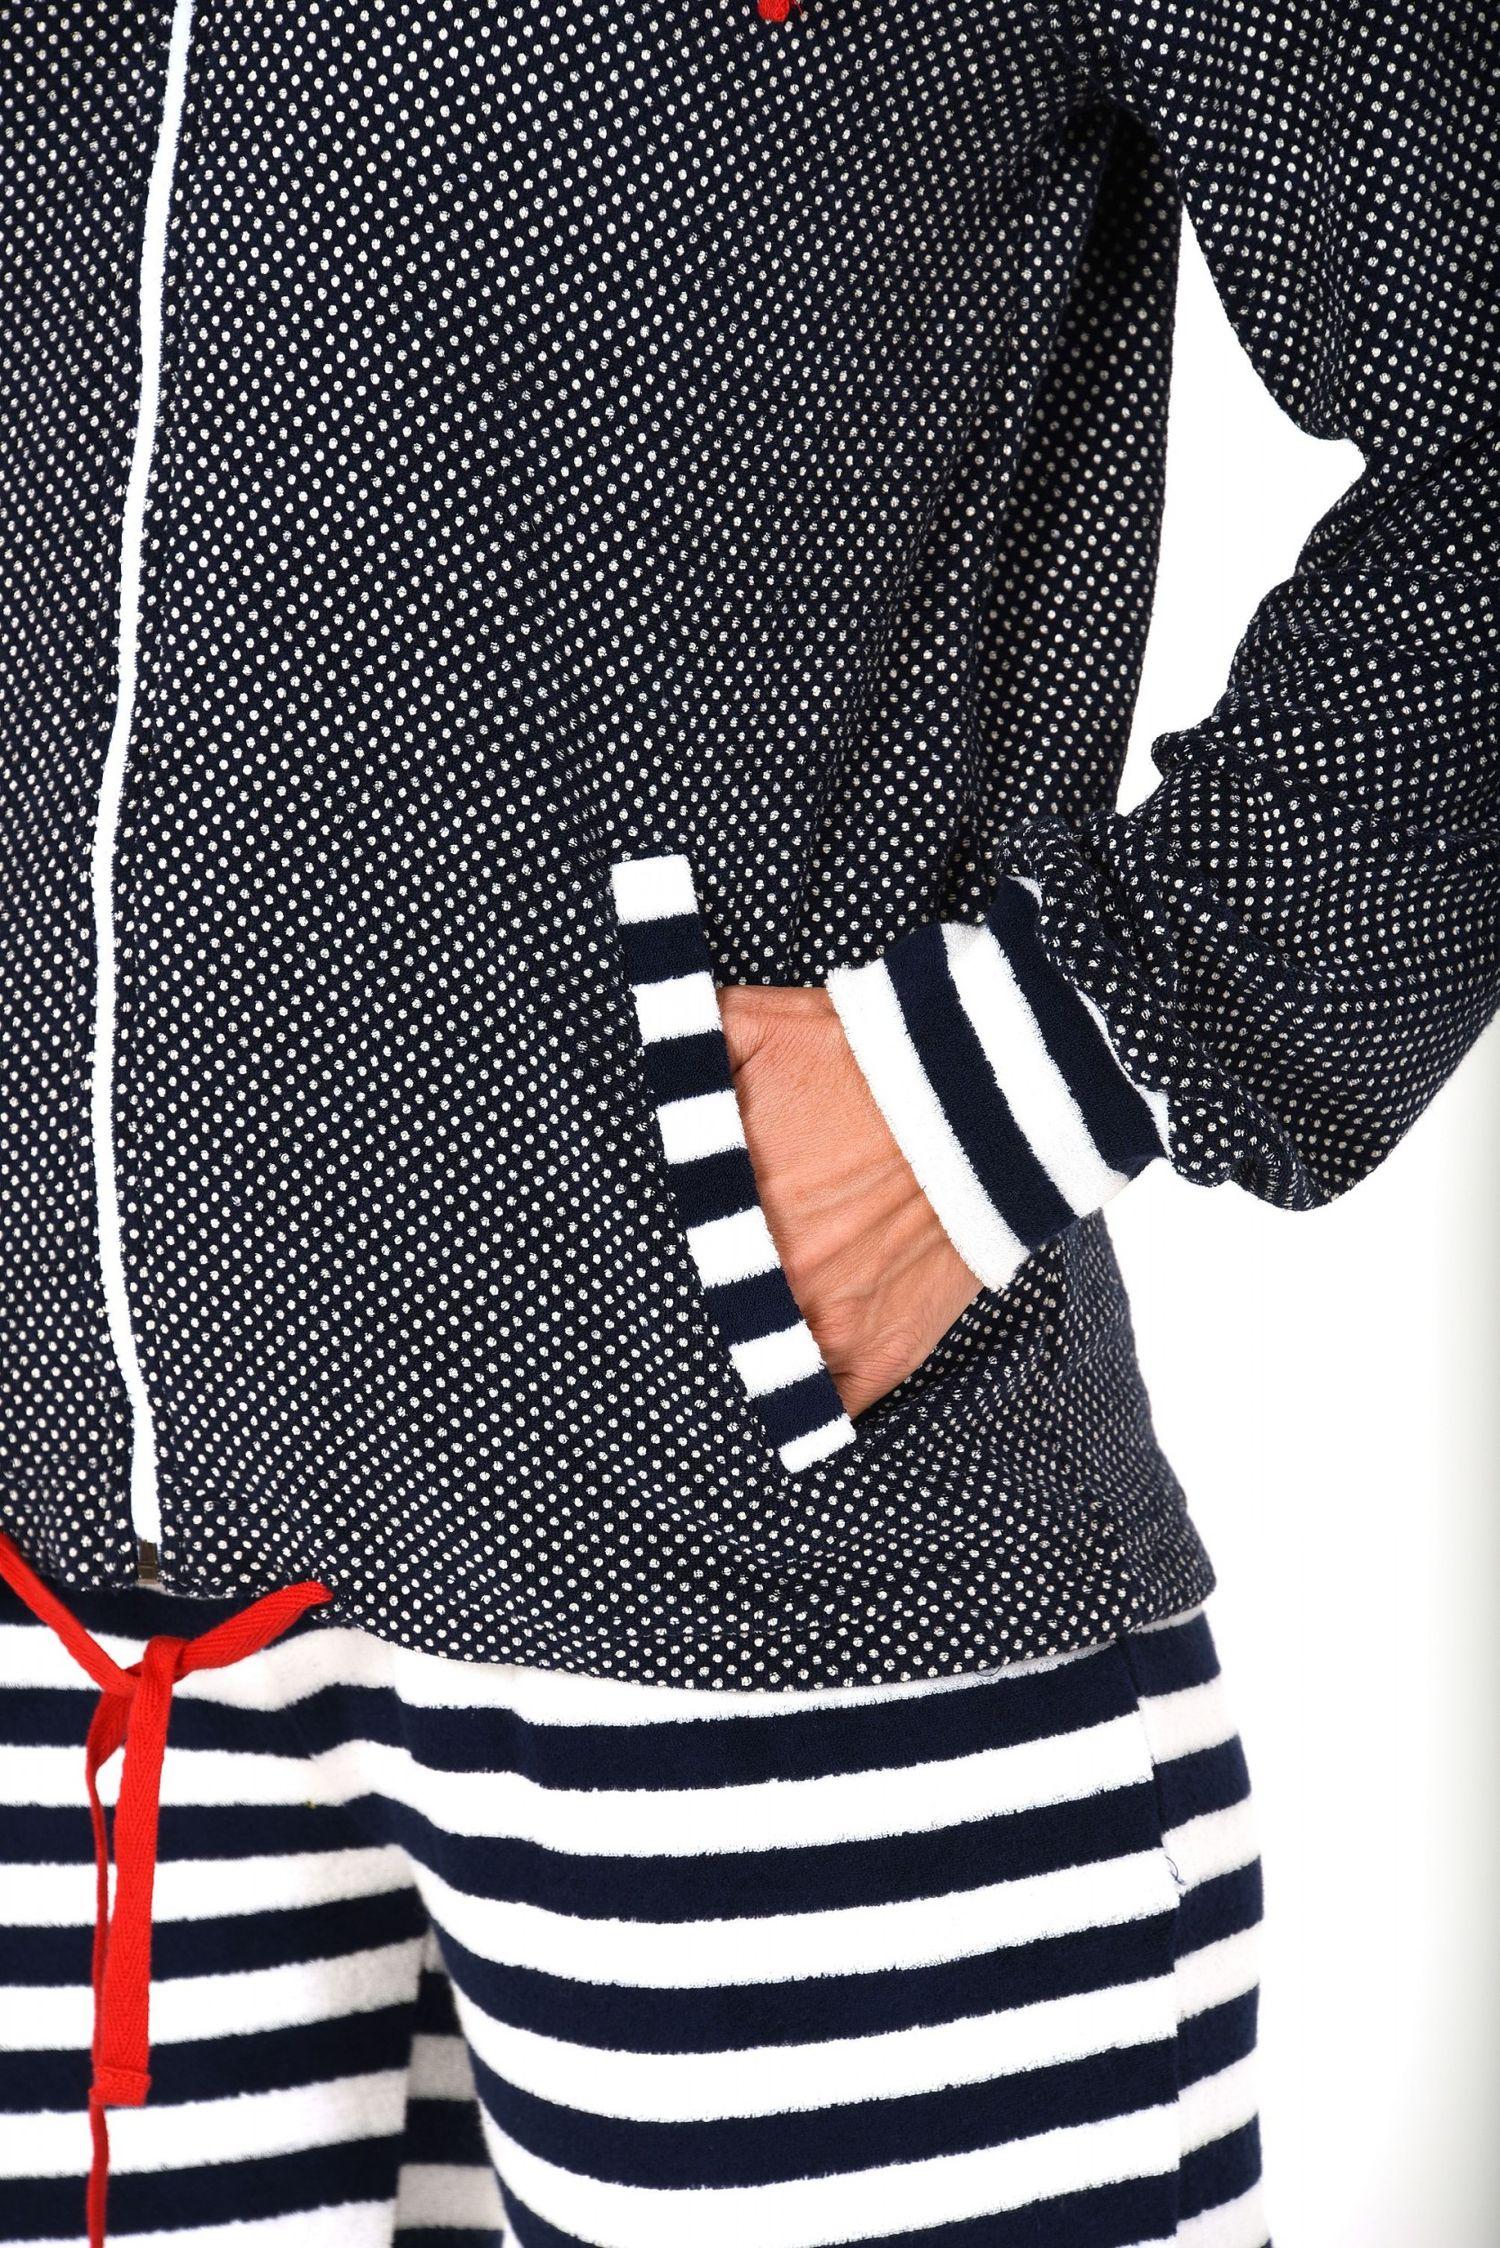 Damen Frottee Hausanzug – ideal auch als Homewear – auch in Übergrössen – 271 216 93 200 – Bild 4